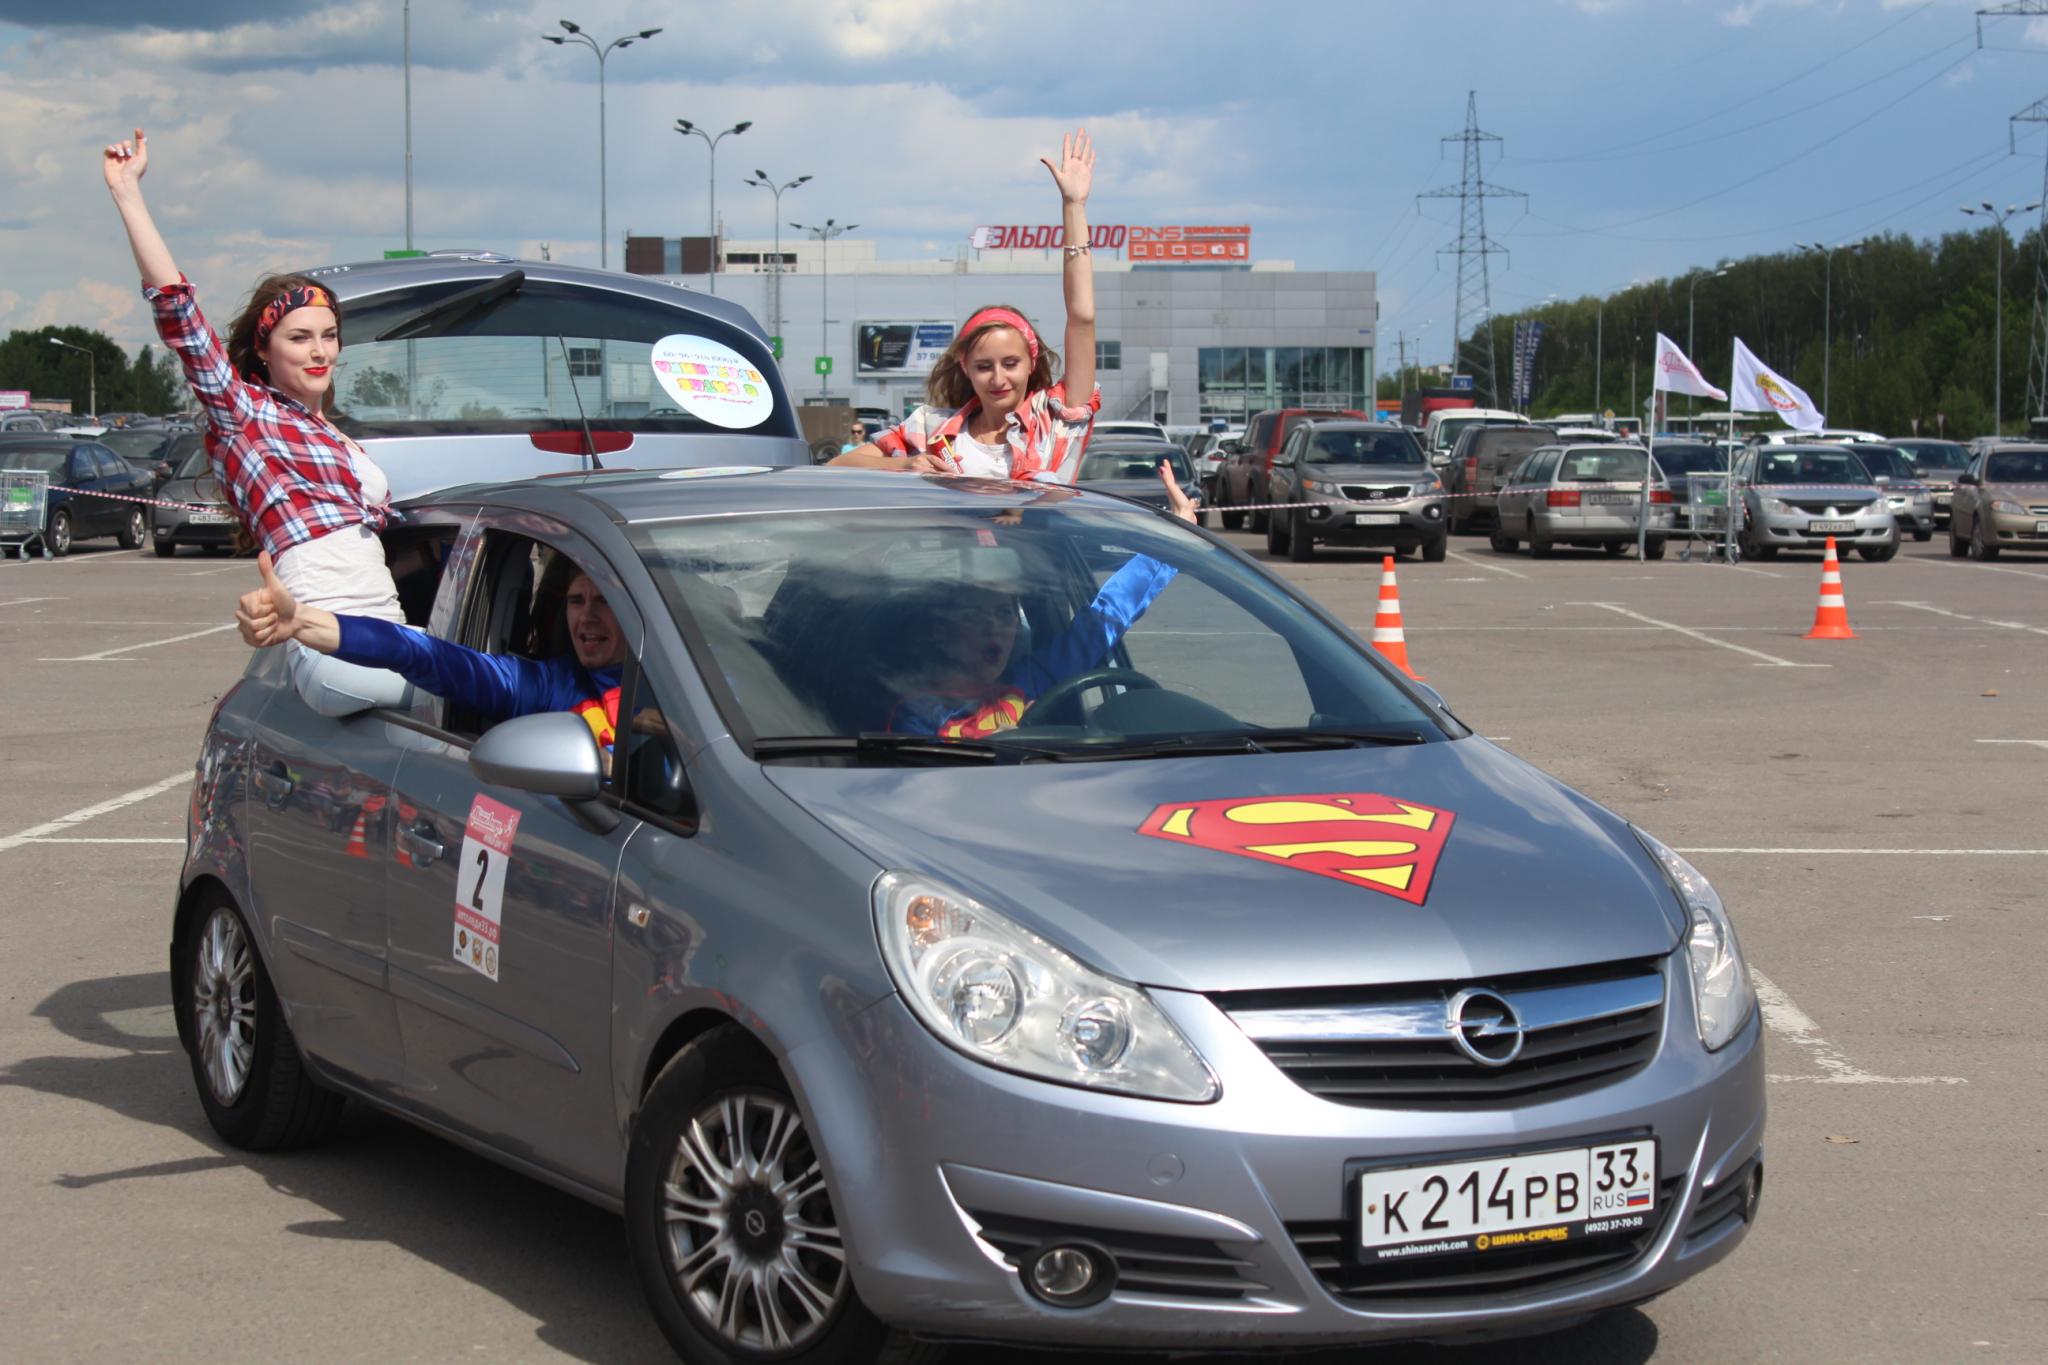 Украшение машины на конкурс автоледи фото